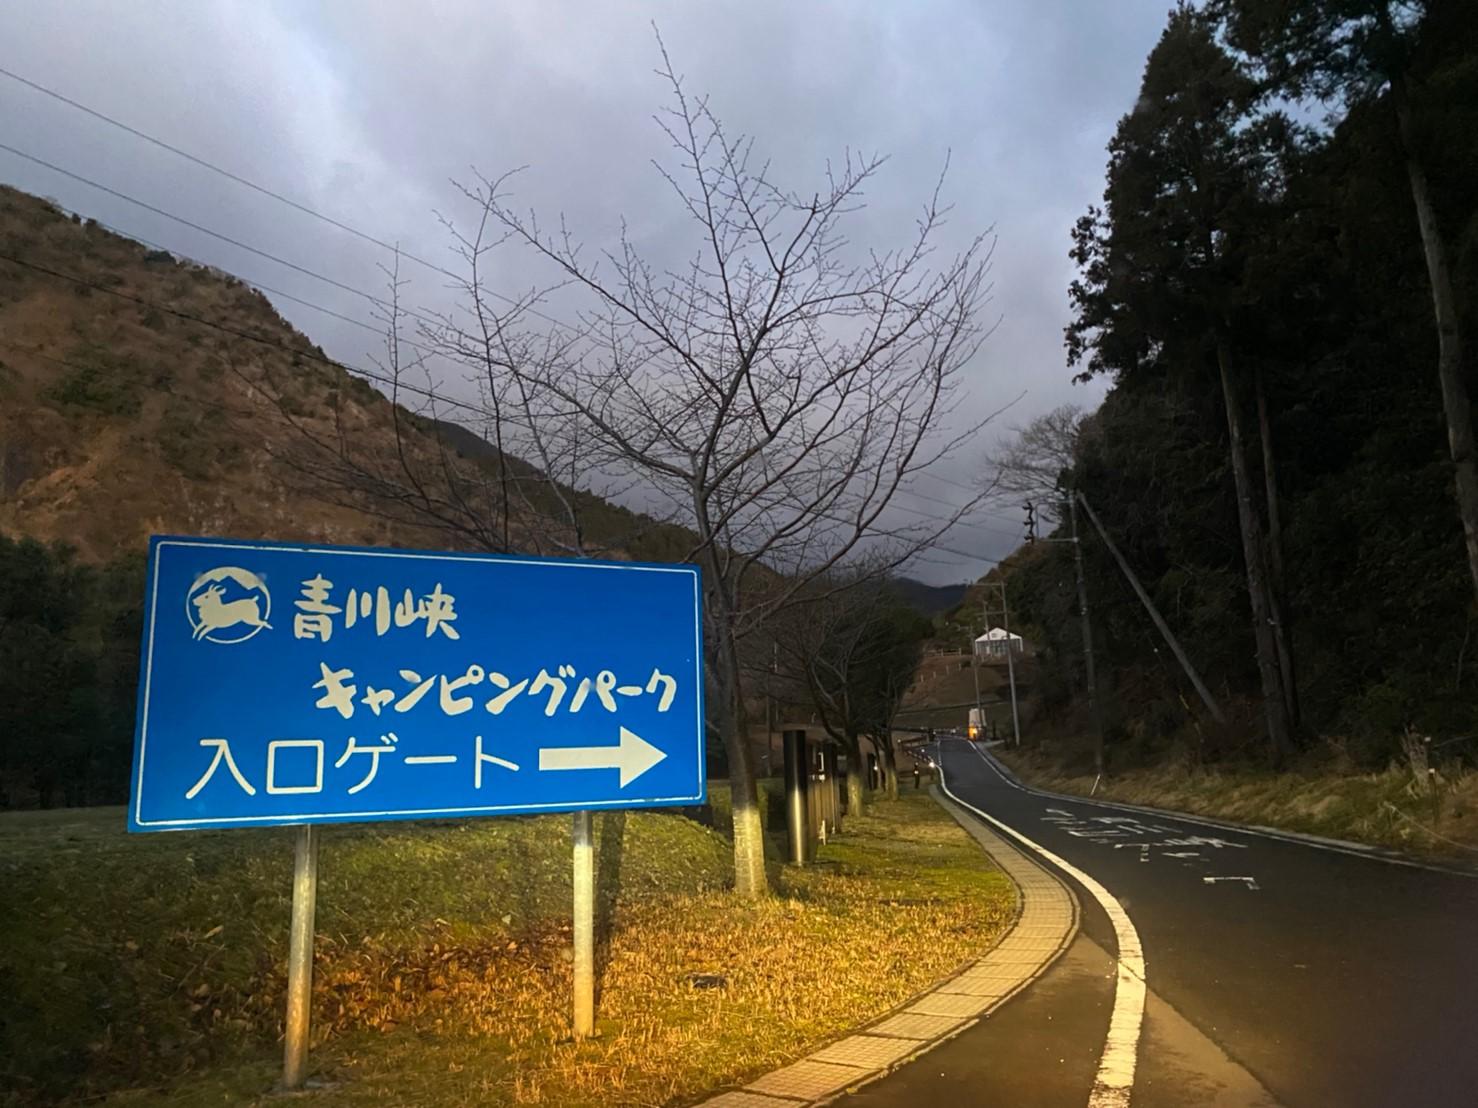 【三重県】ファミリーにおすすめ!『青川峡キャンピングパーク』のキャンプ場情報まとめ